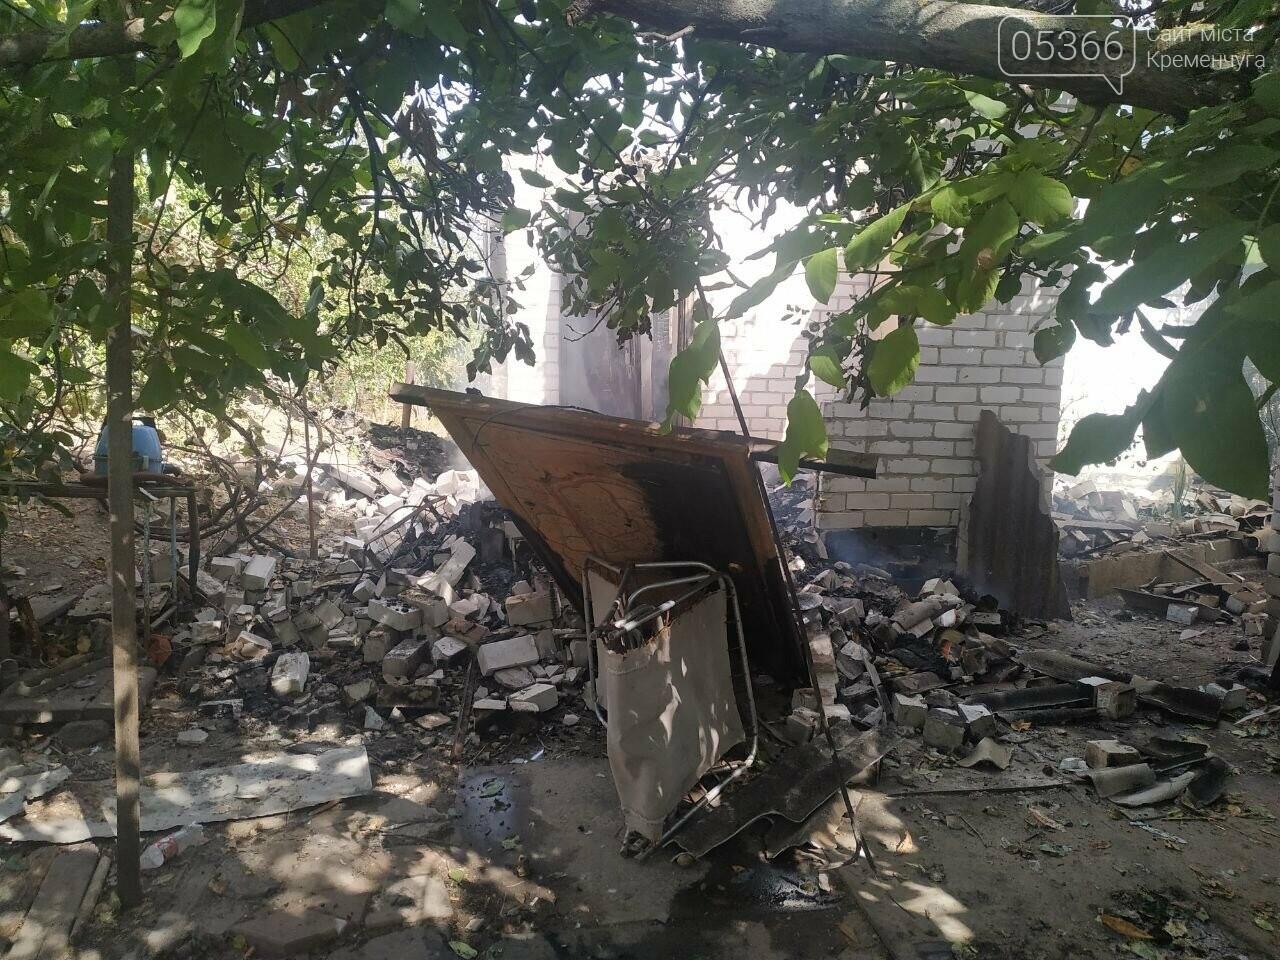 У Кременчуцькому районі згорів житловий будинок: загинув чоловік, фото-2